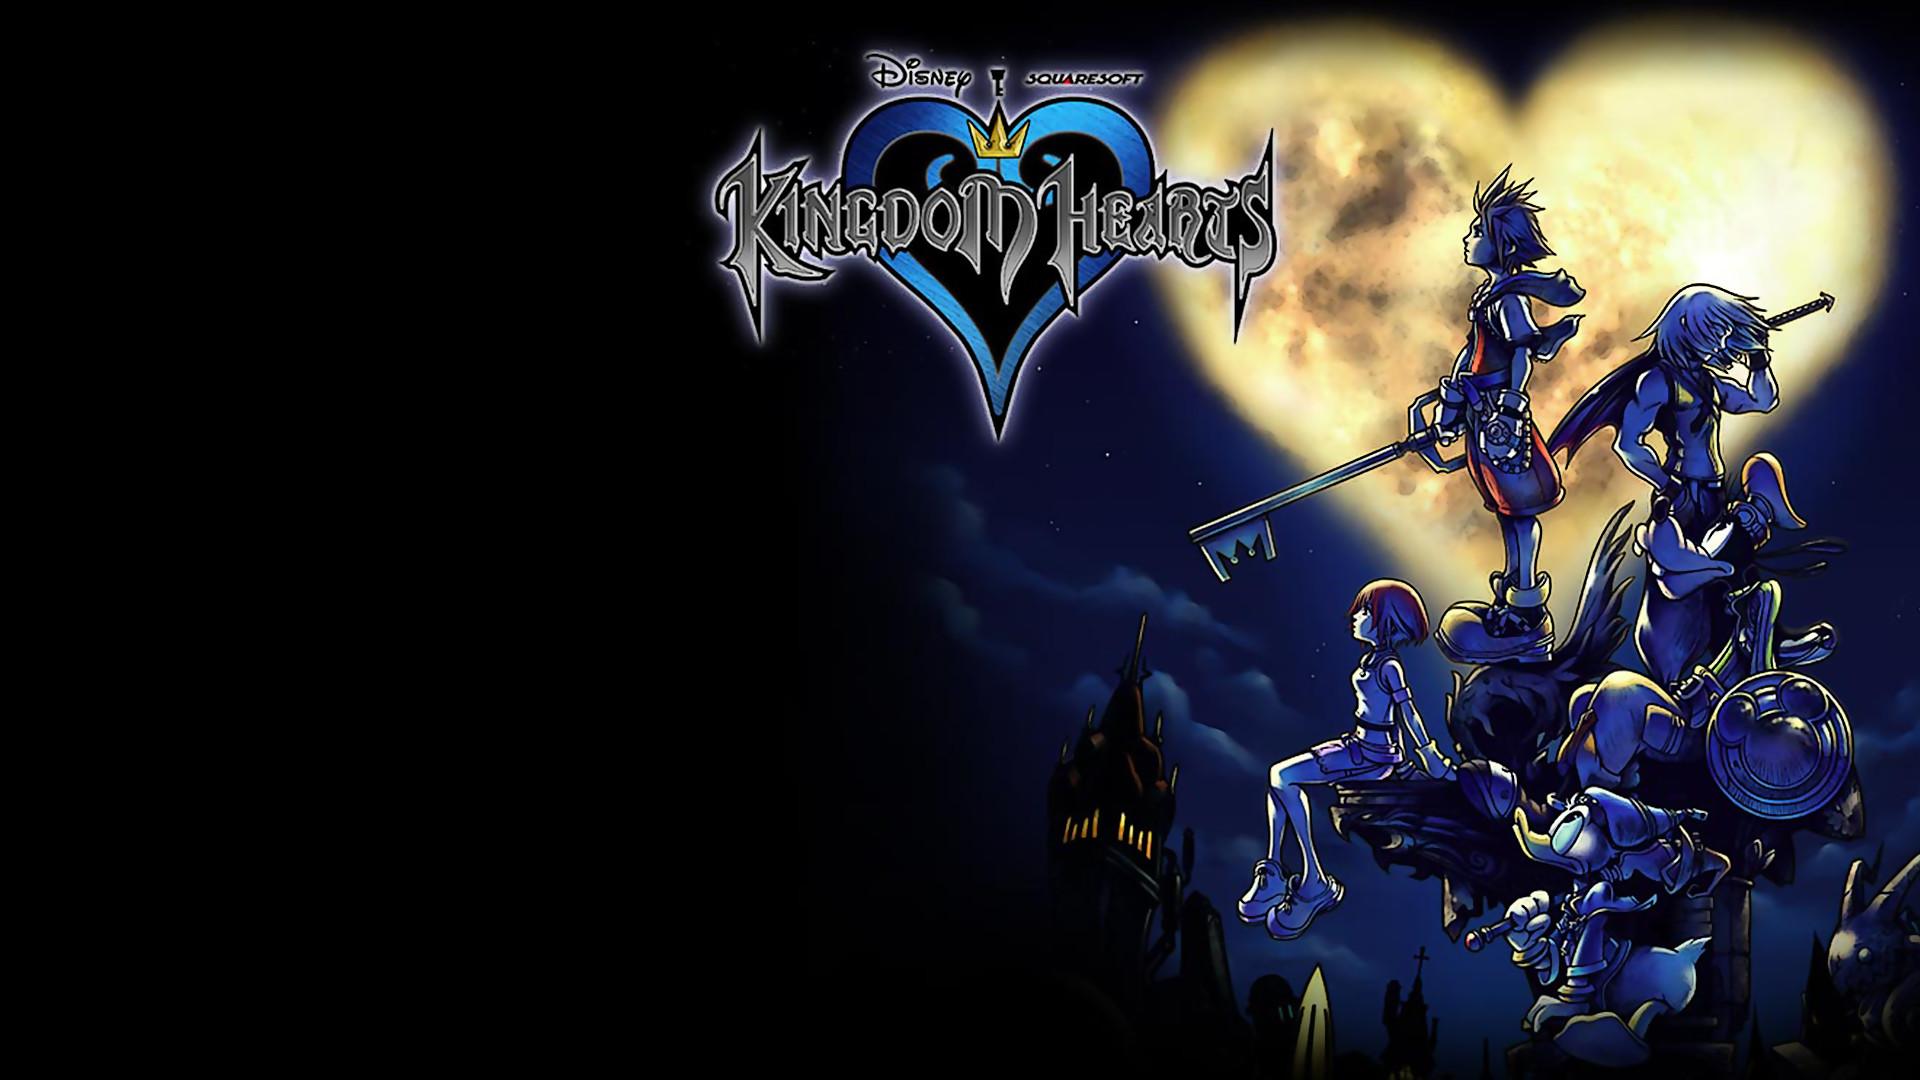 1920x1080 Kingdom Hearts Wallpaper Hd Resolution